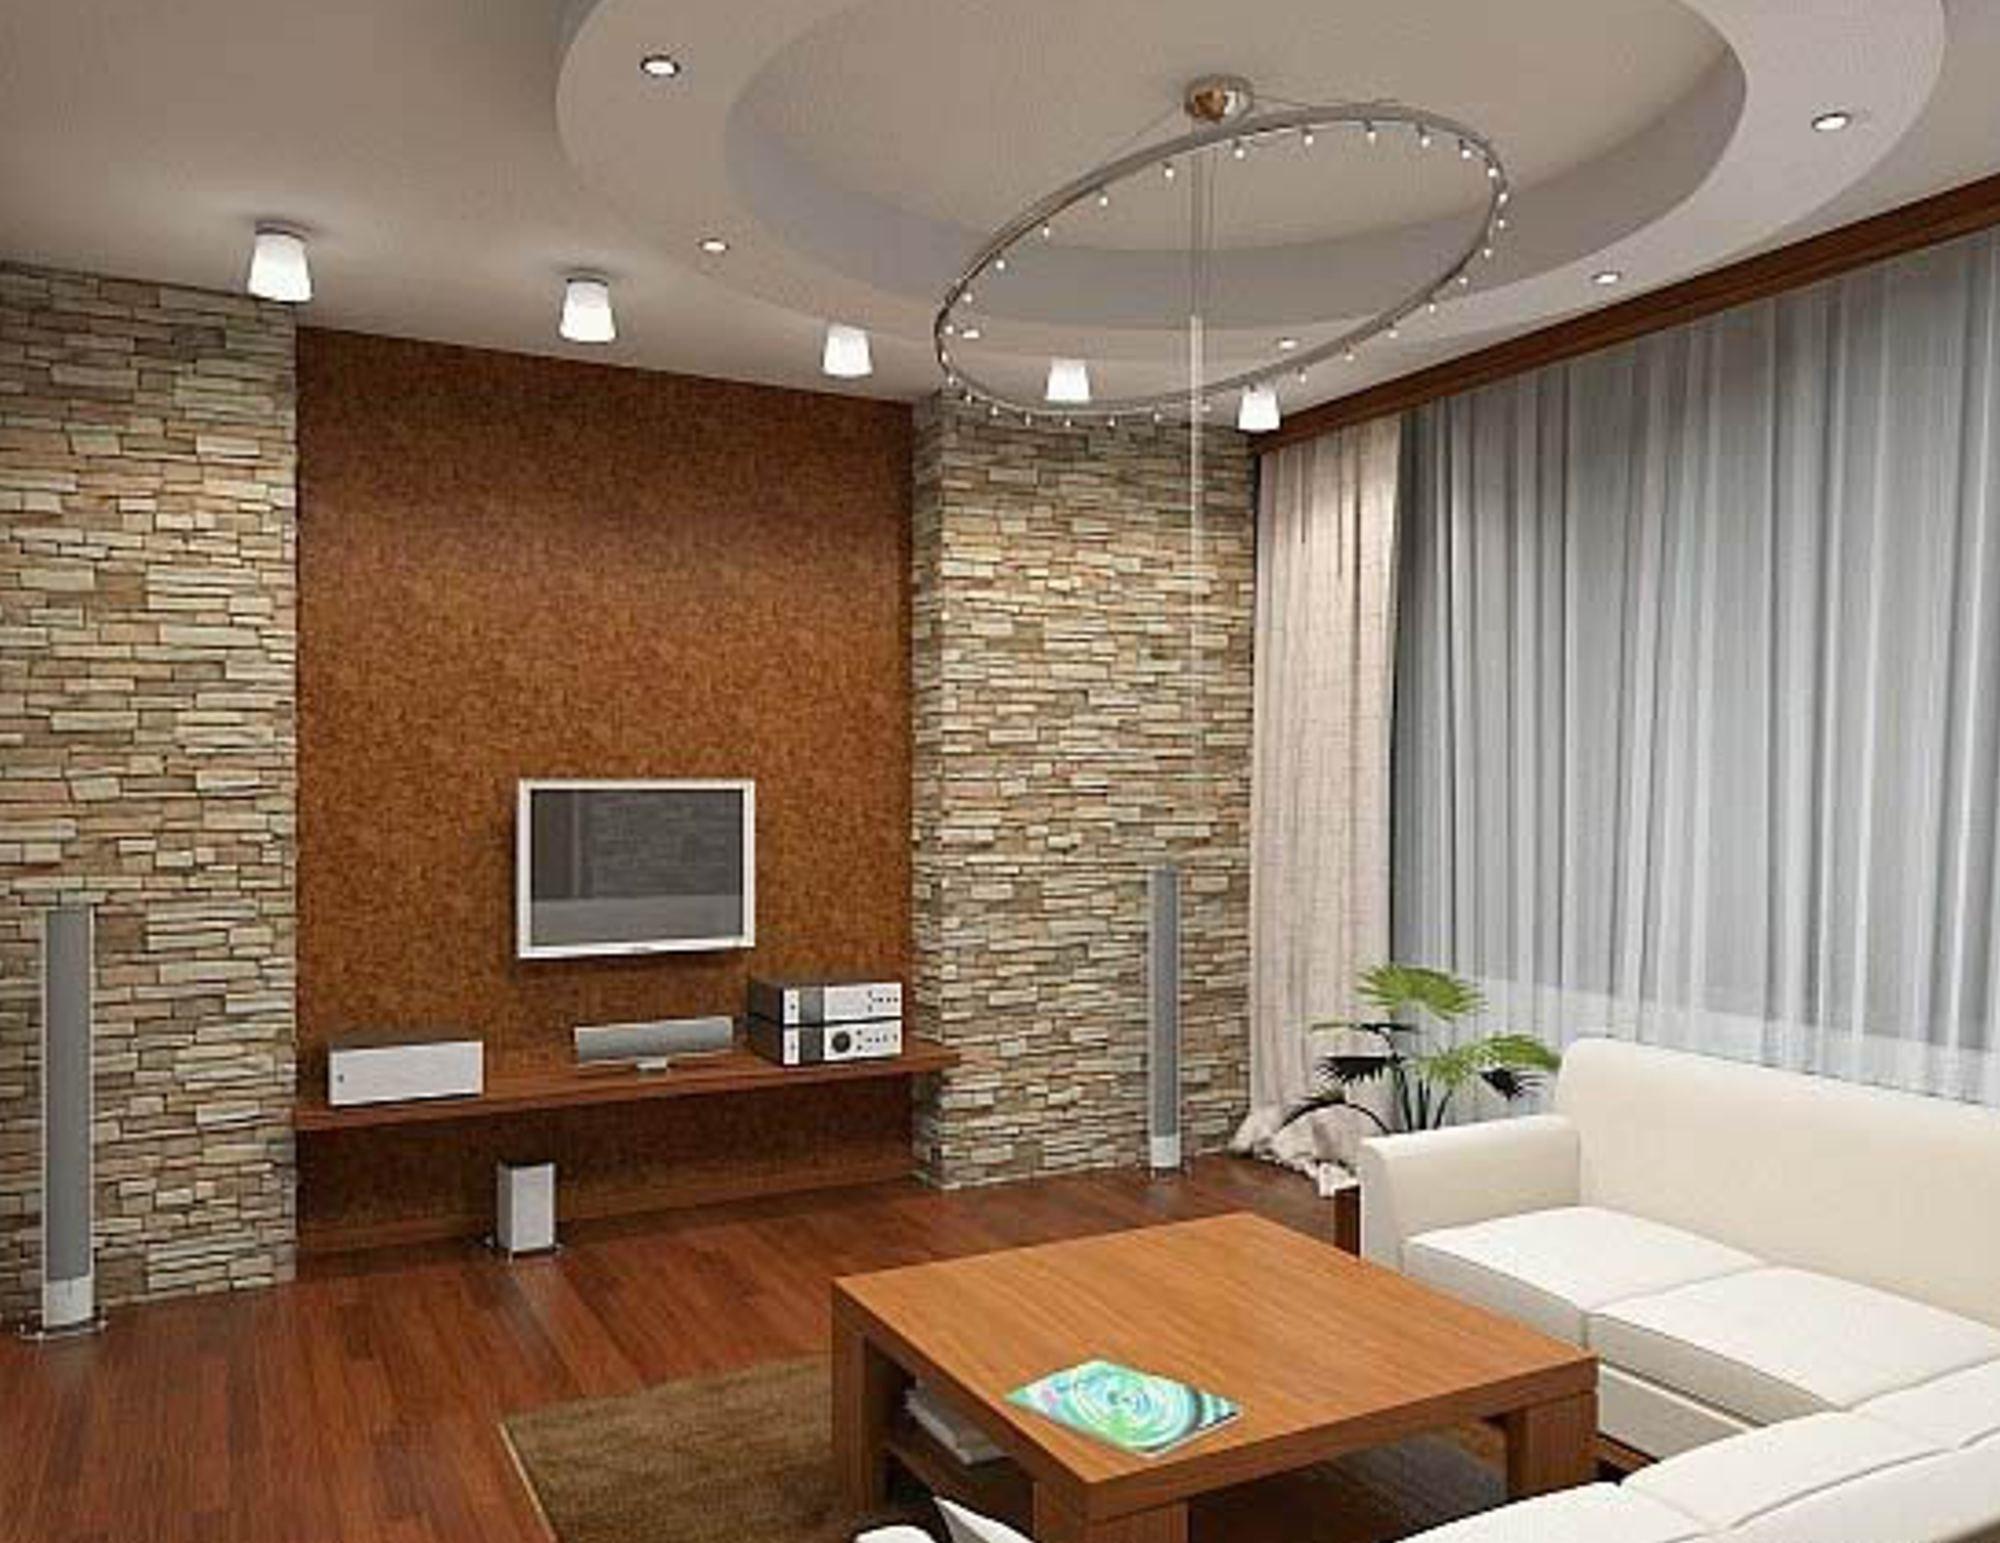 Недорогой дизайн квартир своими руками